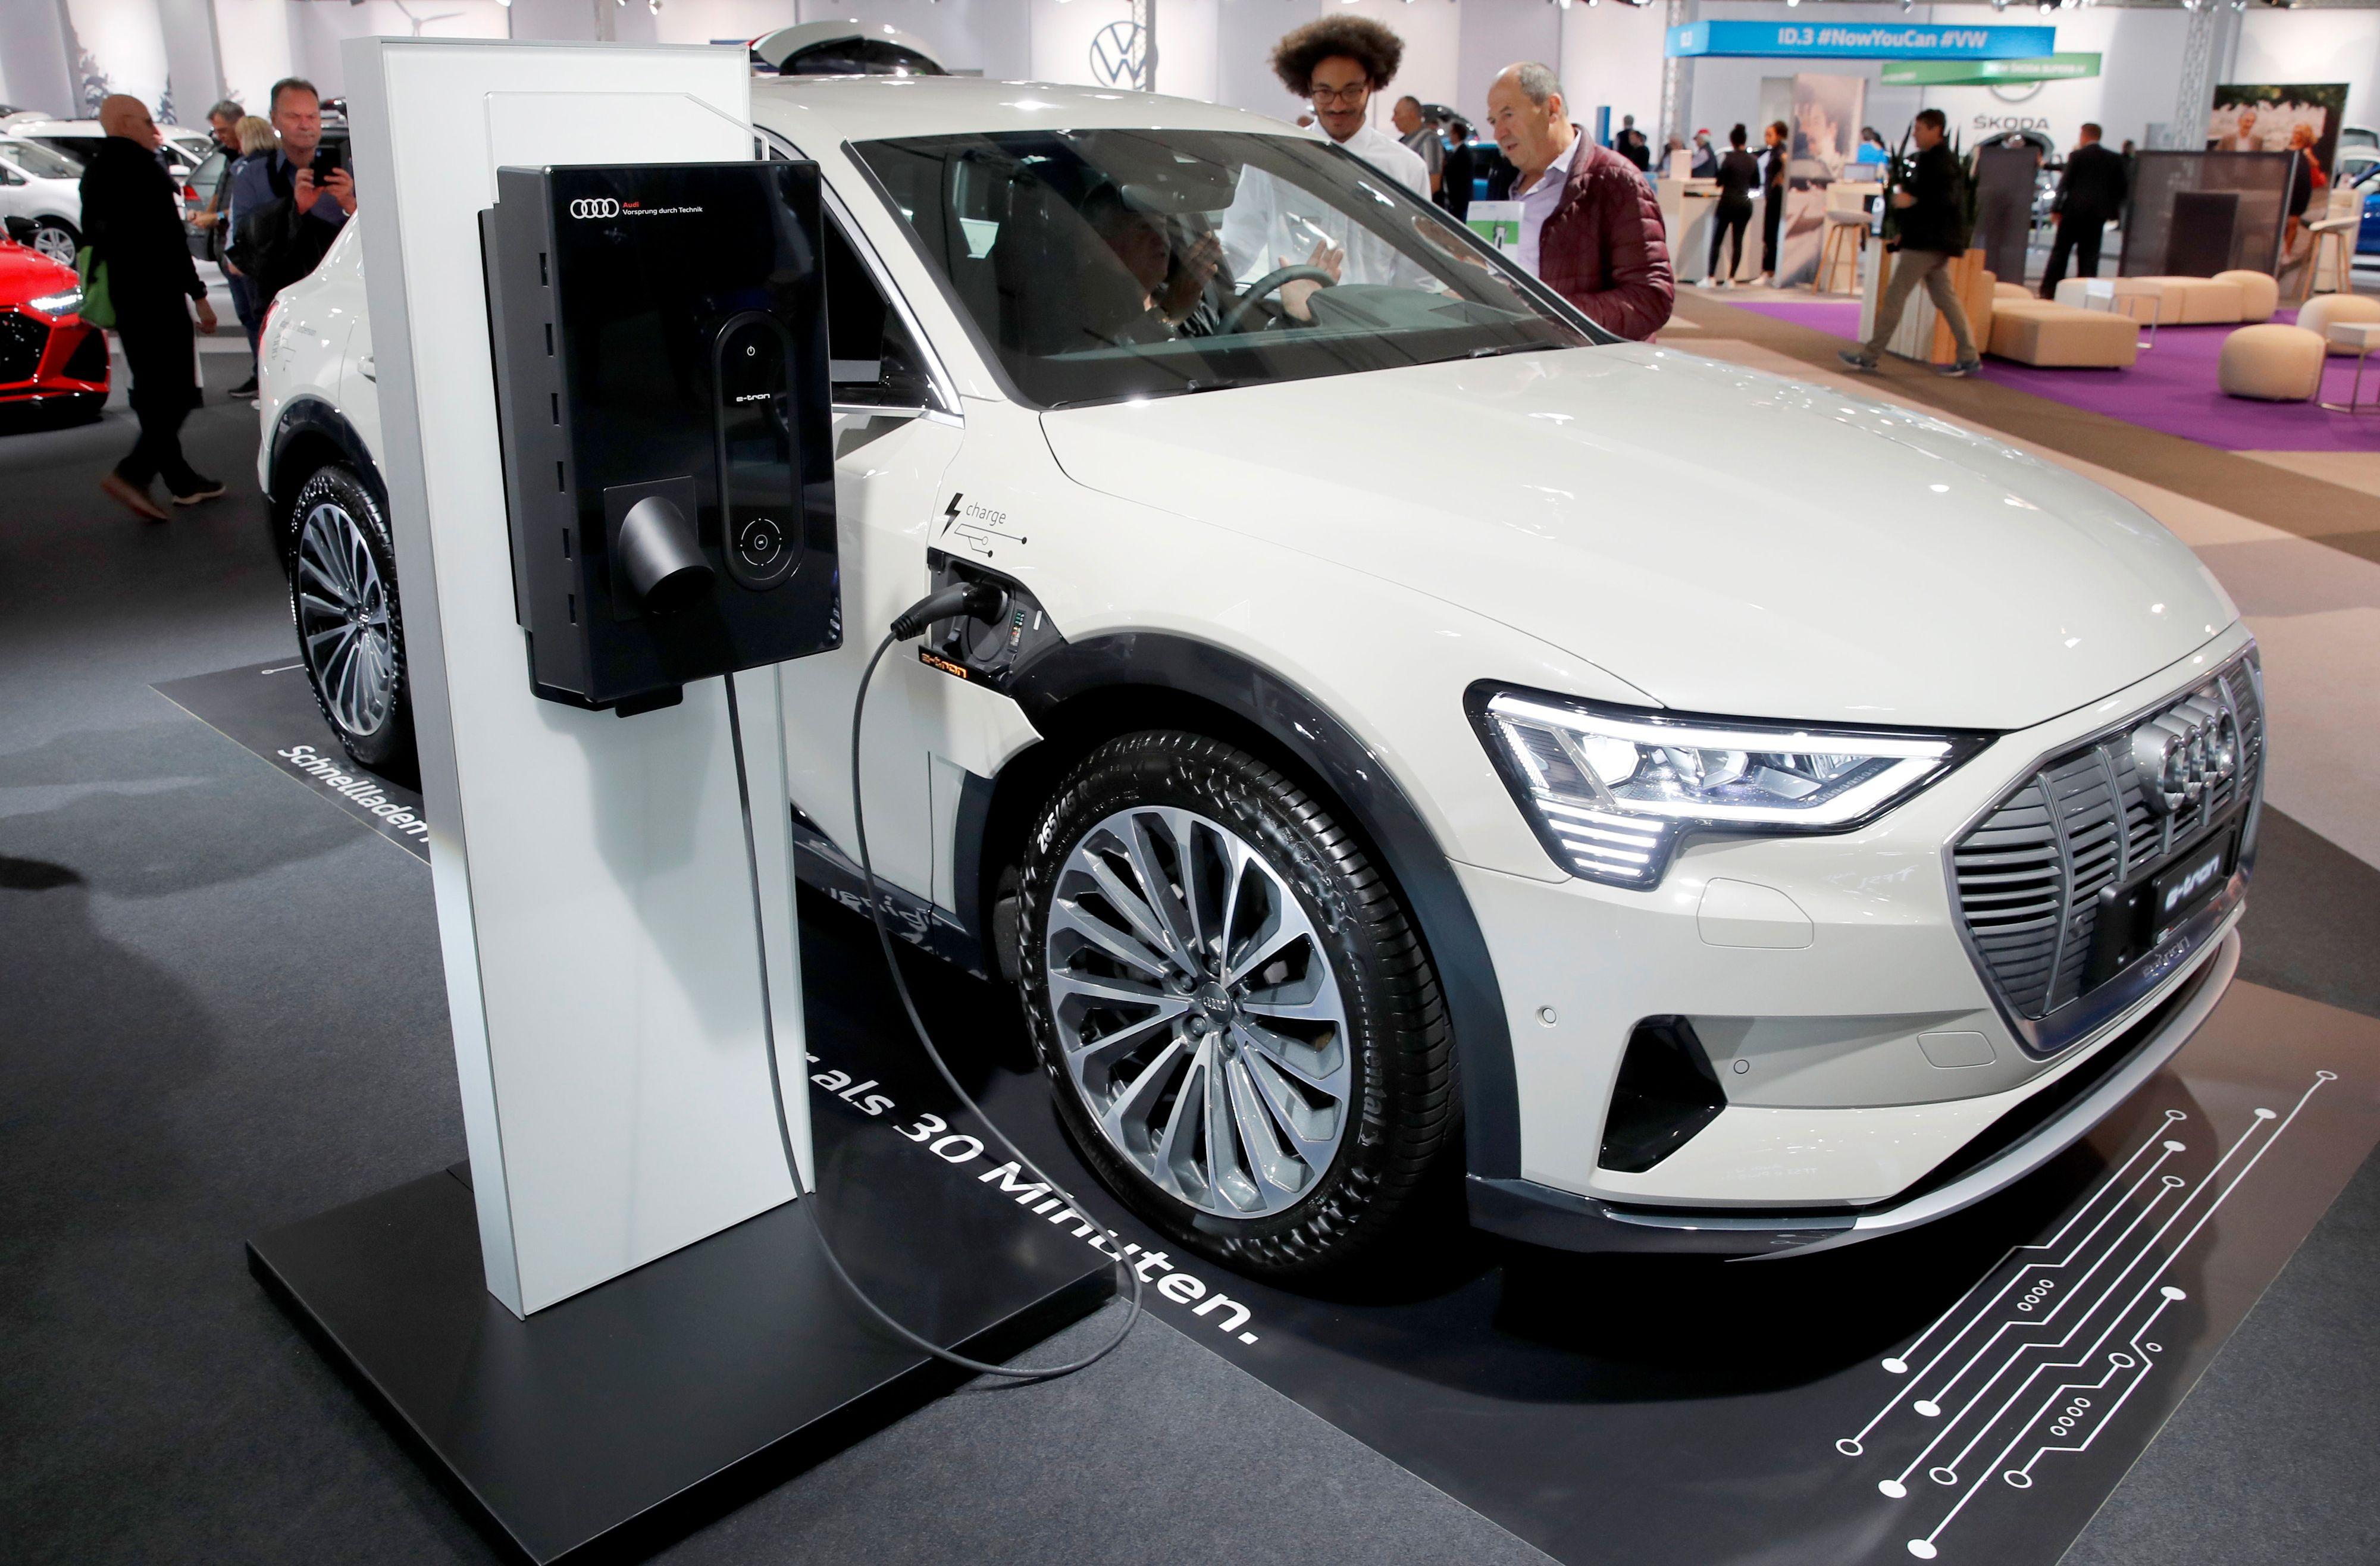 TRØBBEL: Audi har hatt problemer med sin helelektriske SUV. Her er en e-tron på lading under en bilmesse i Zürich torsdag.